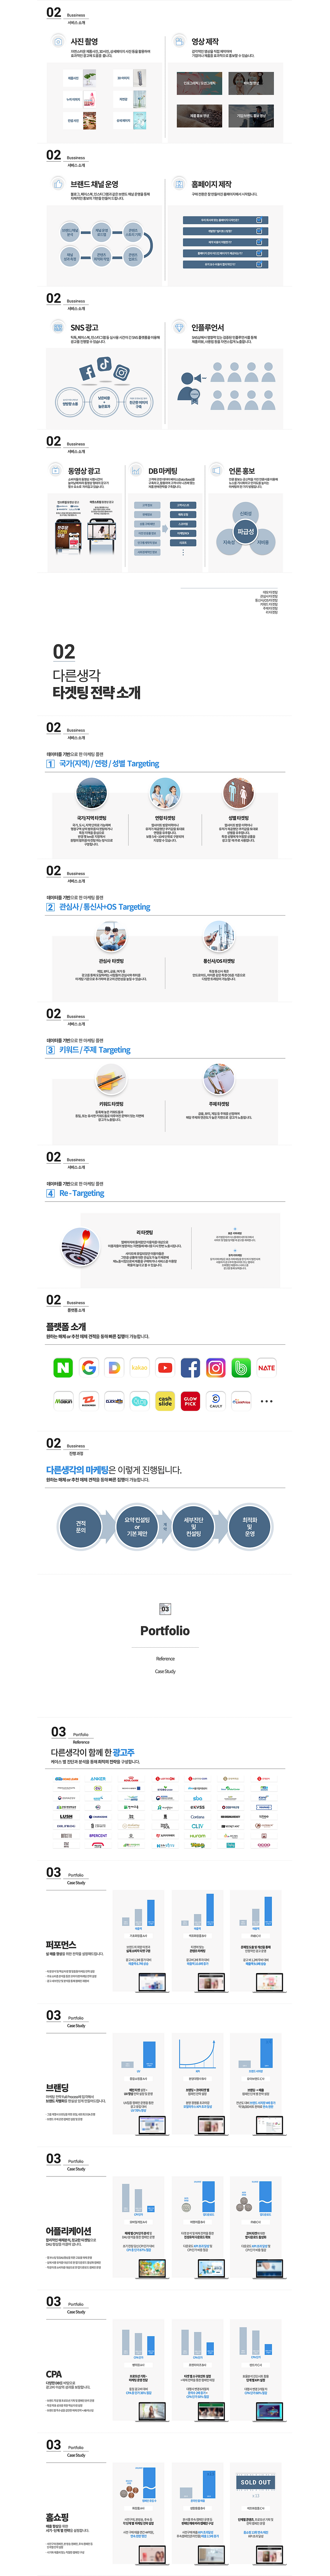 회사소개서 업로드용02.png